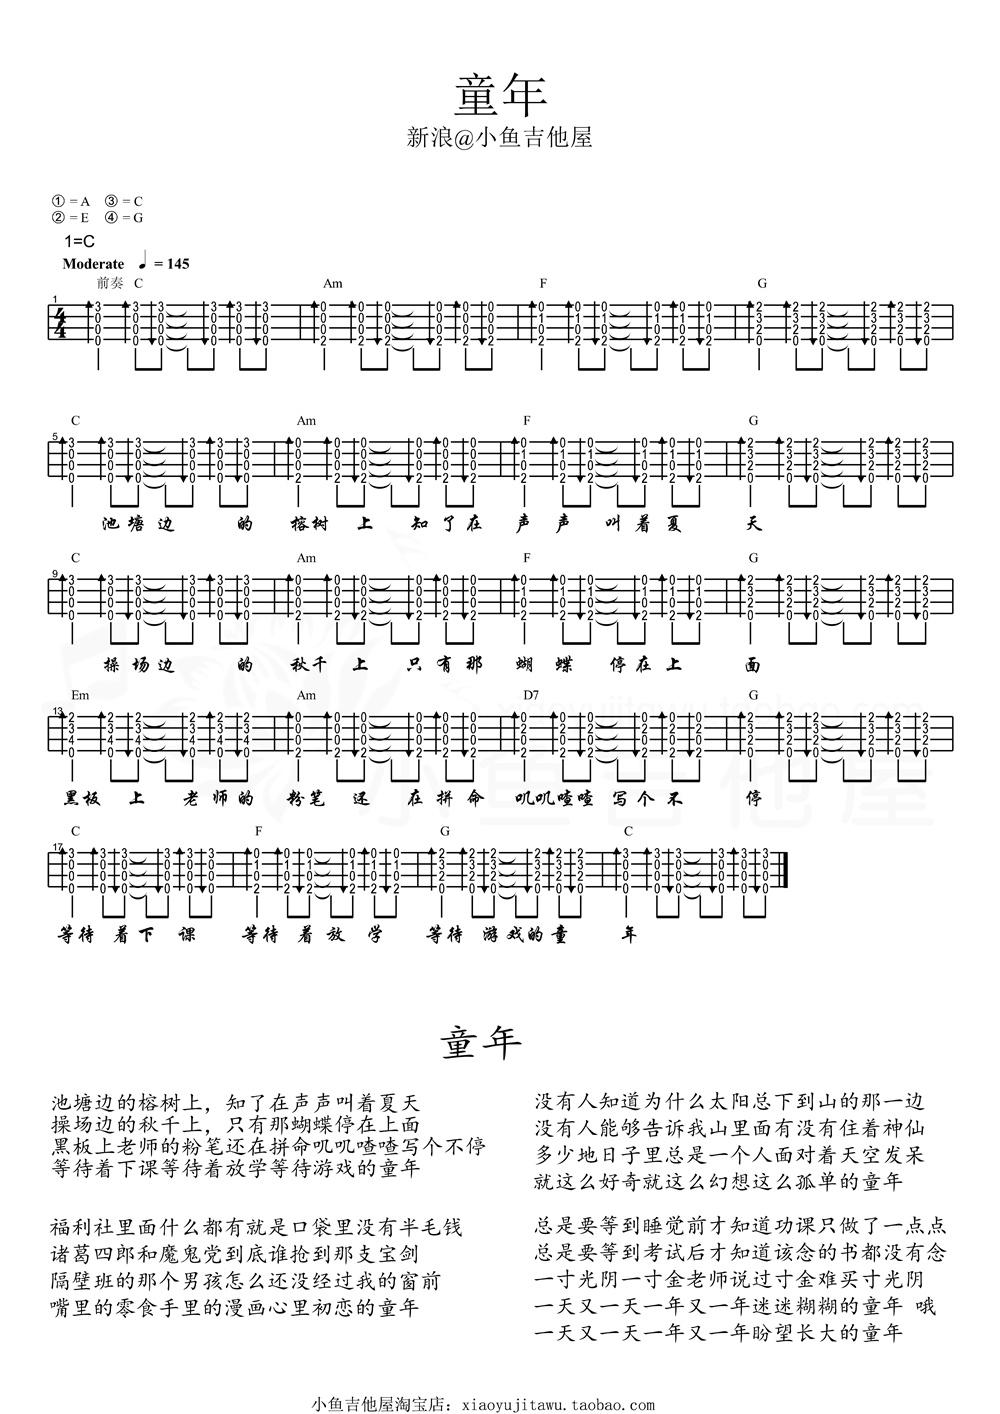 童年|尤克里里ukulele(罗大佑)小鱼教学